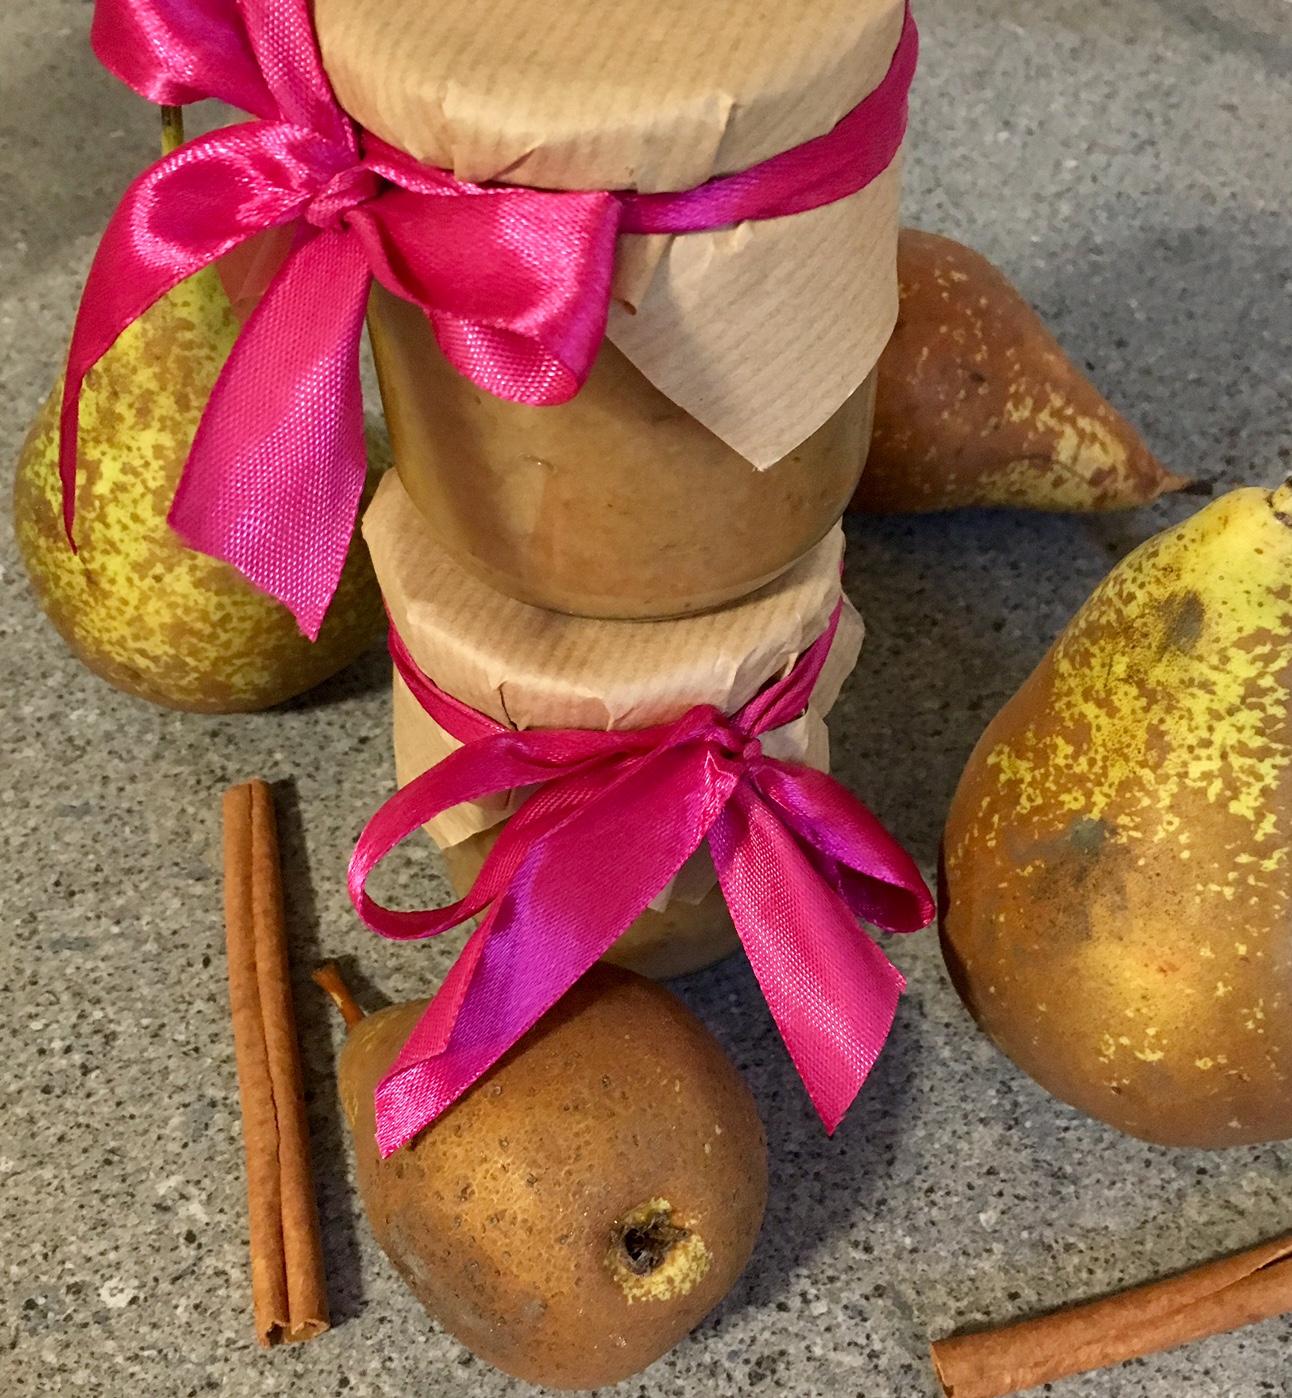 Slik lager du sukkerfritt pæresyltetøy uten spesialprodukter